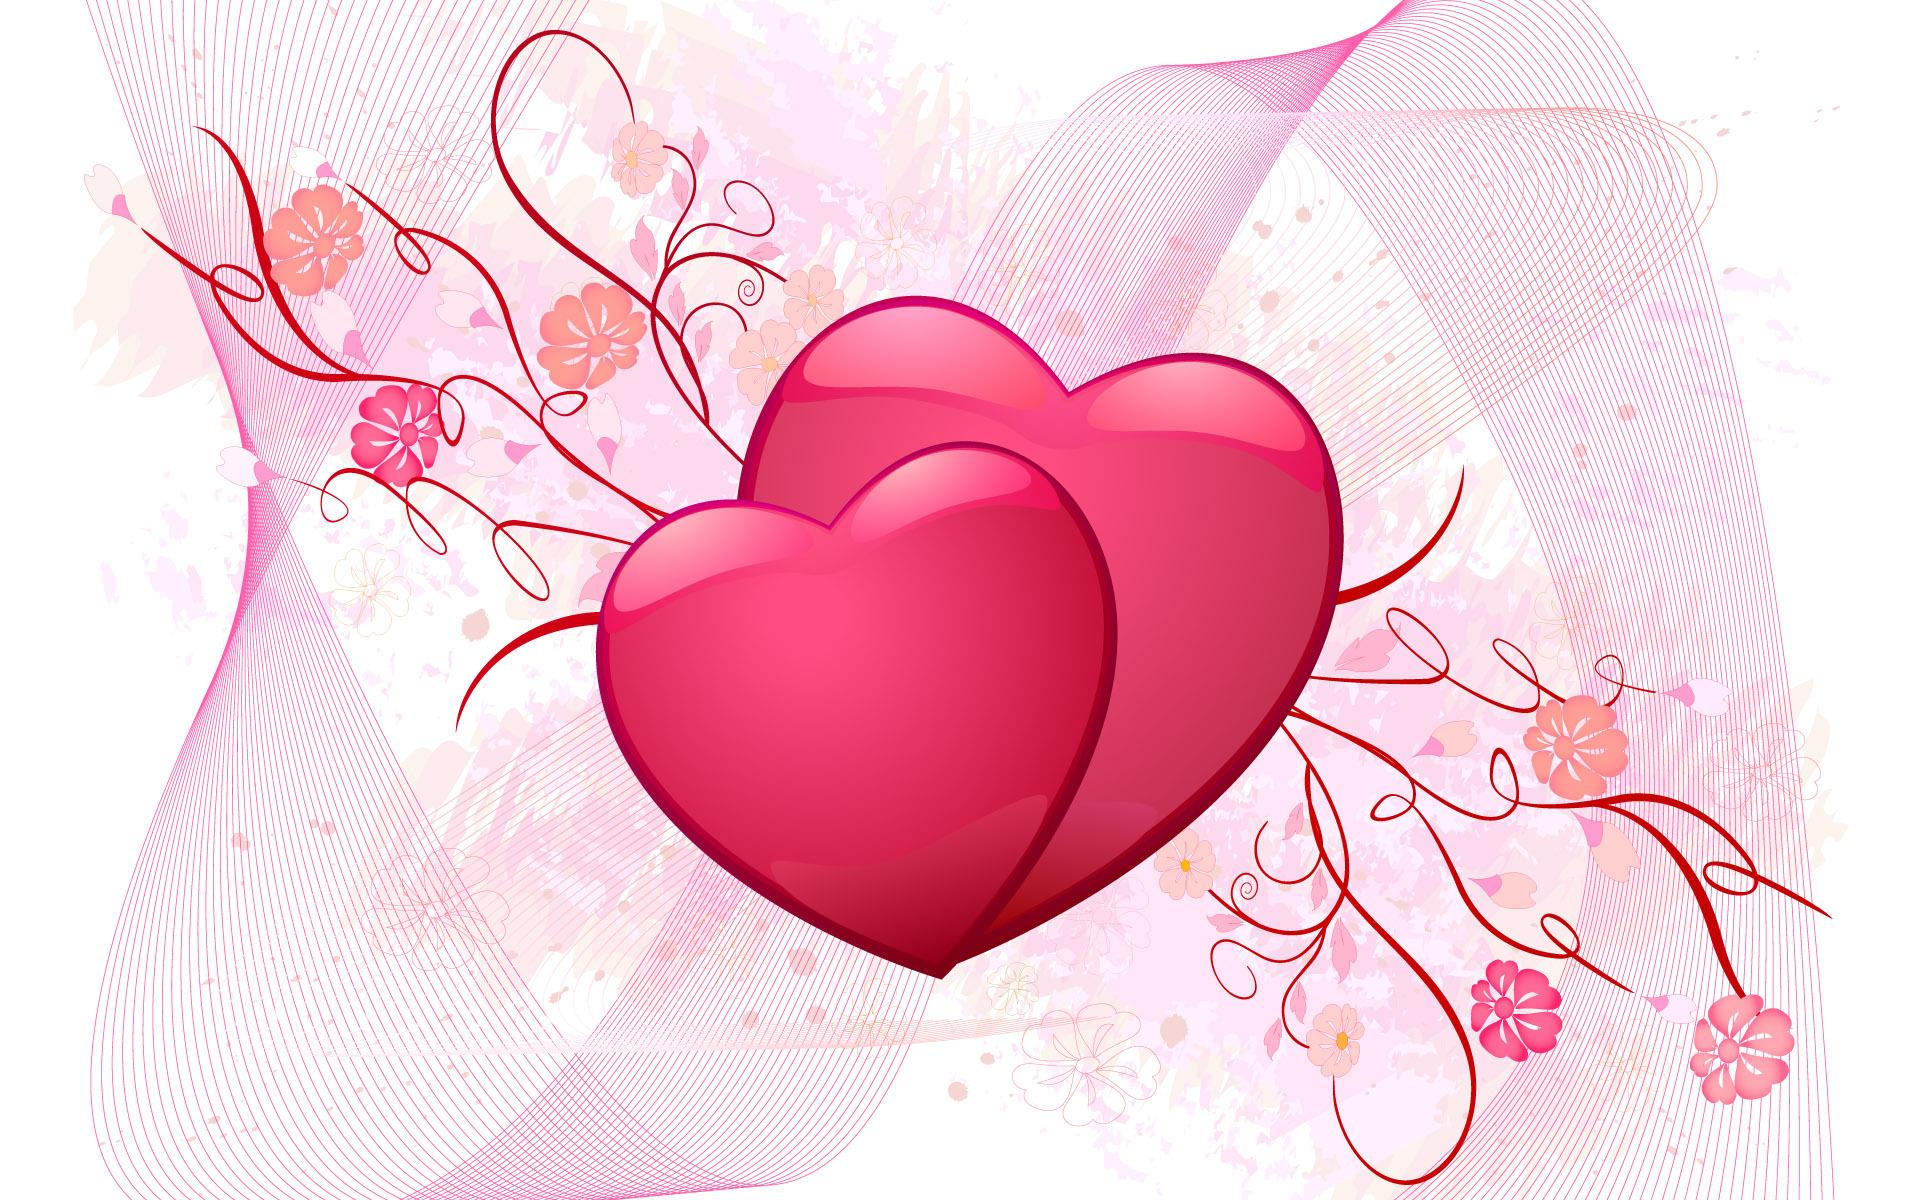 Παιχνίδι φαντασίας….Ένα γράμμα μια εικόνα... Love-wallpaper-love-4187609-1920-1200